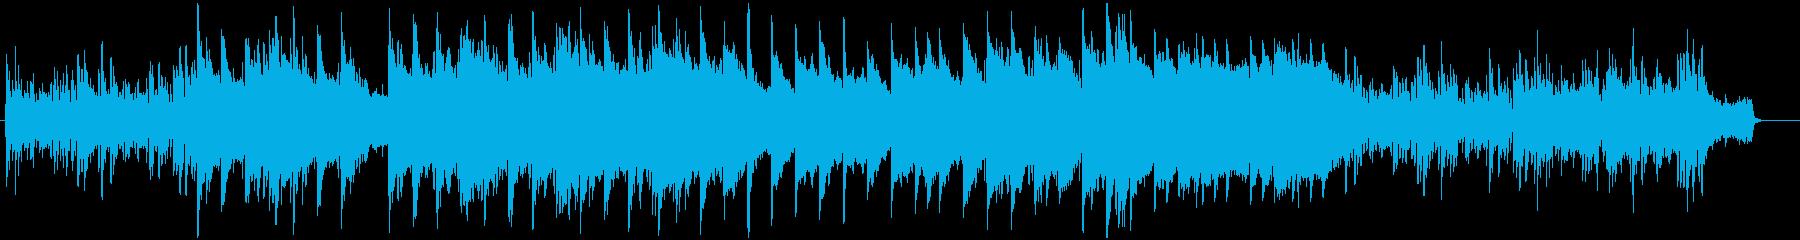 ピアノとストリングスのスローバラードの再生済みの波形